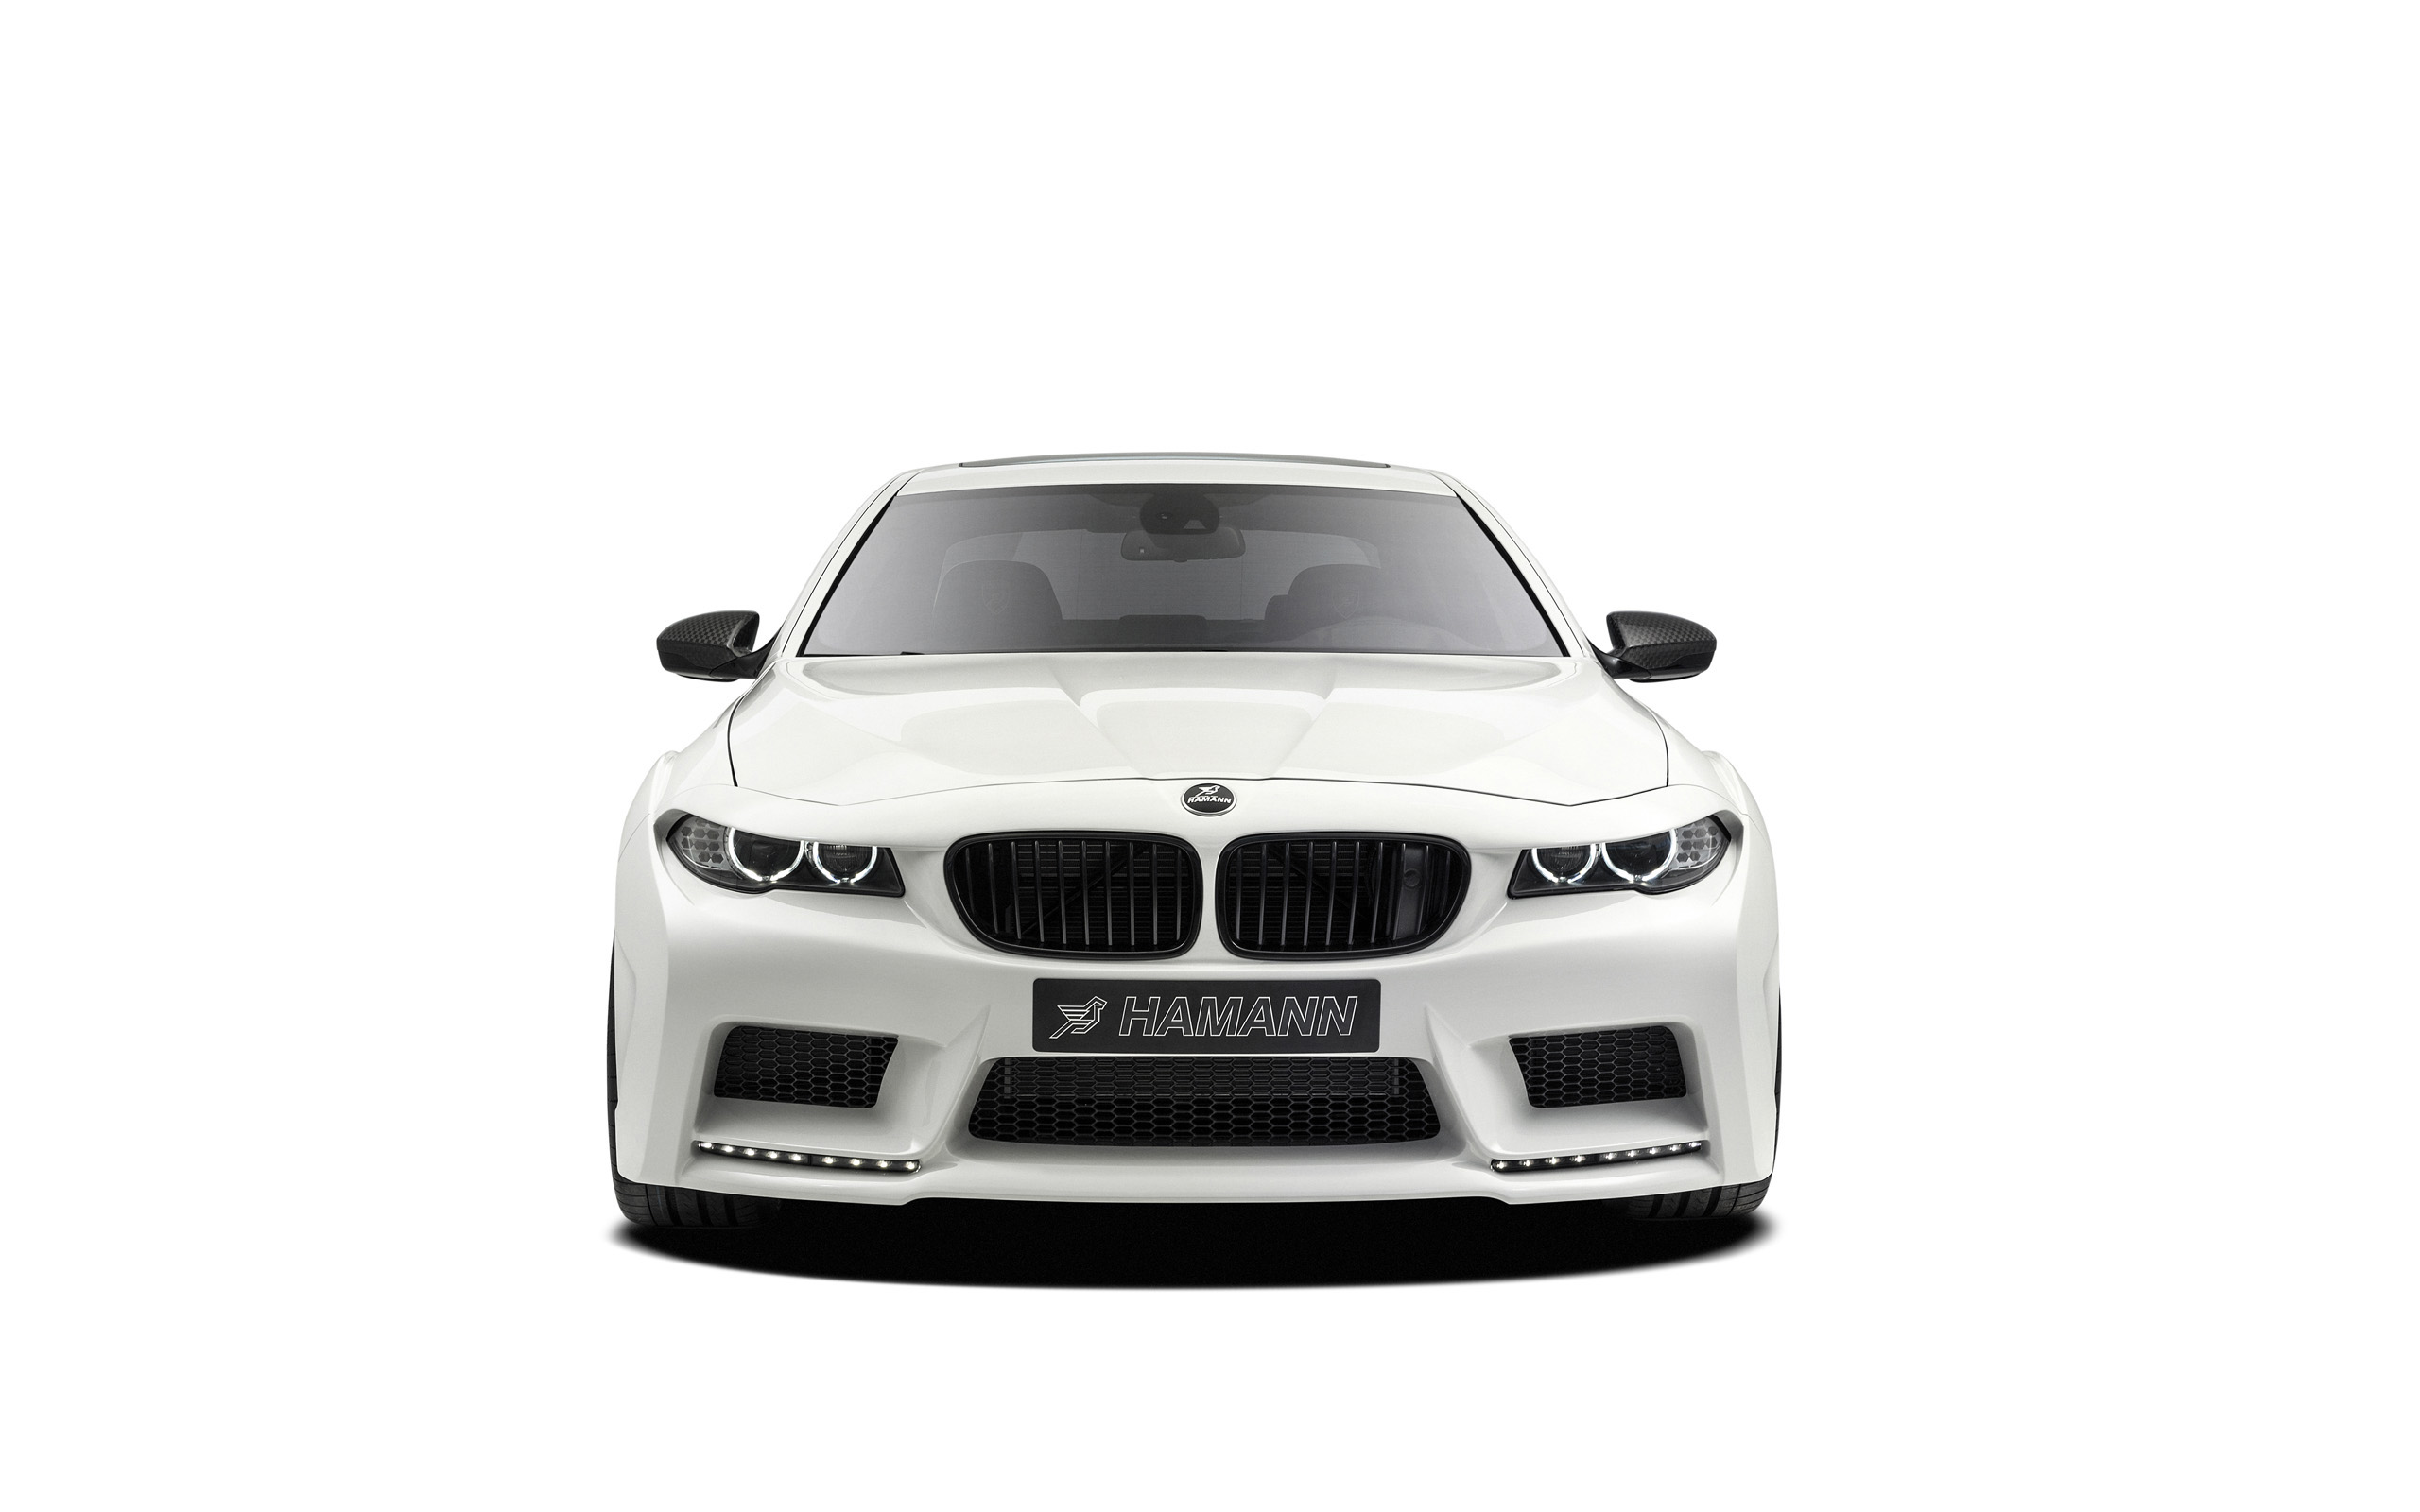 White BMW Background